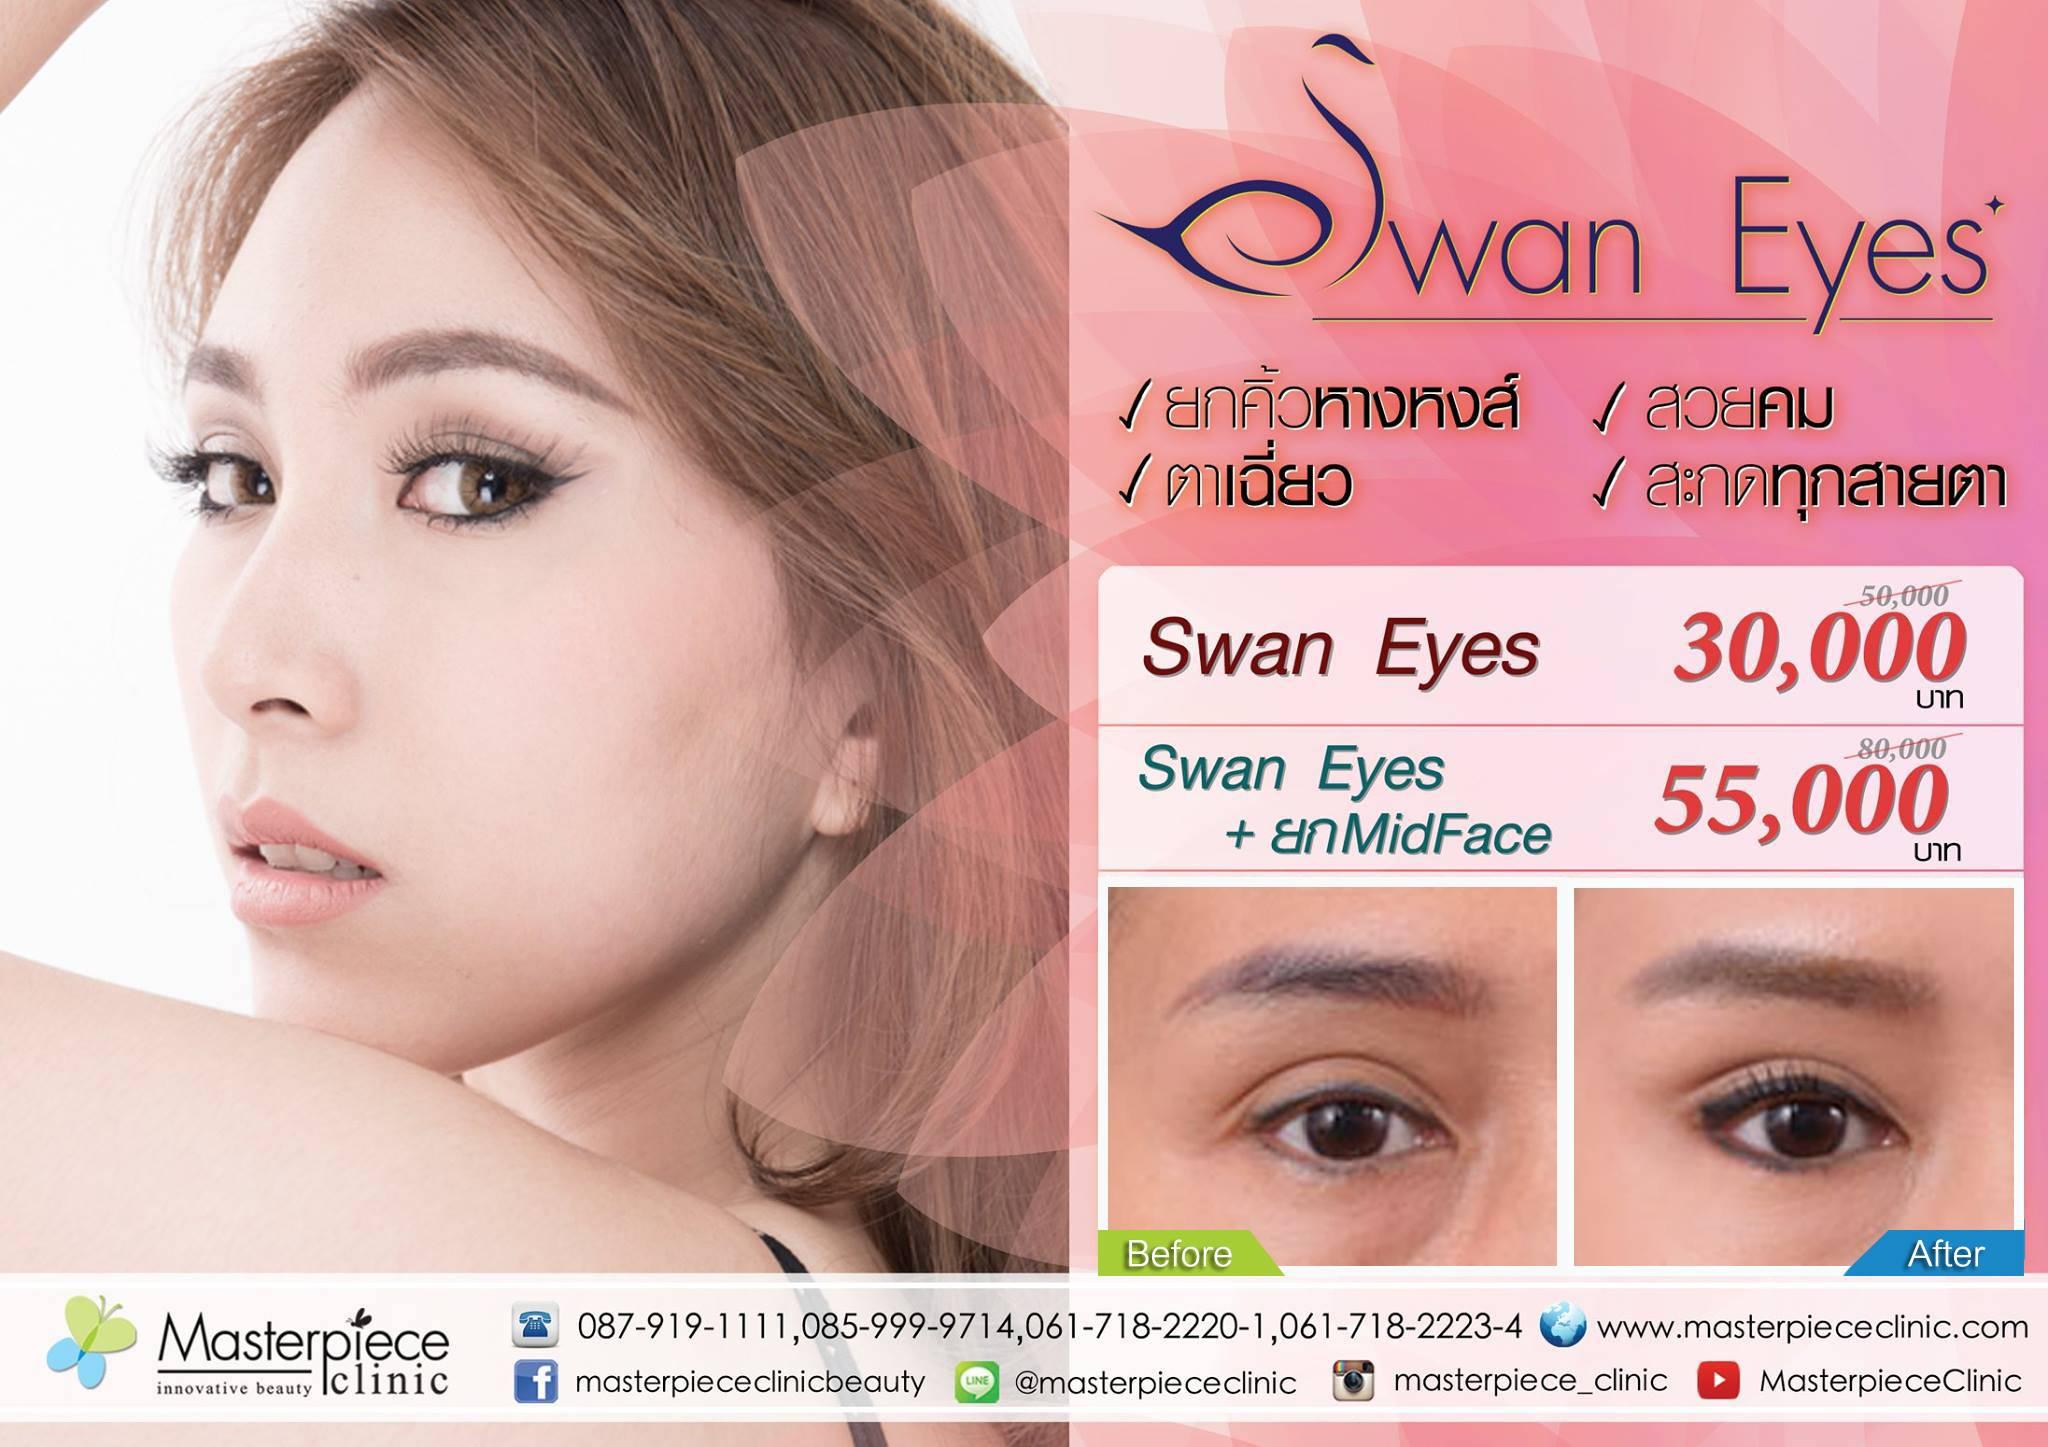 ให้ตาสวยอย่างมีระดับแบบ Swan Eyes ด้วยเทคโนโลยีใหม่ จากมาสเตอร์พีซ คลินิก